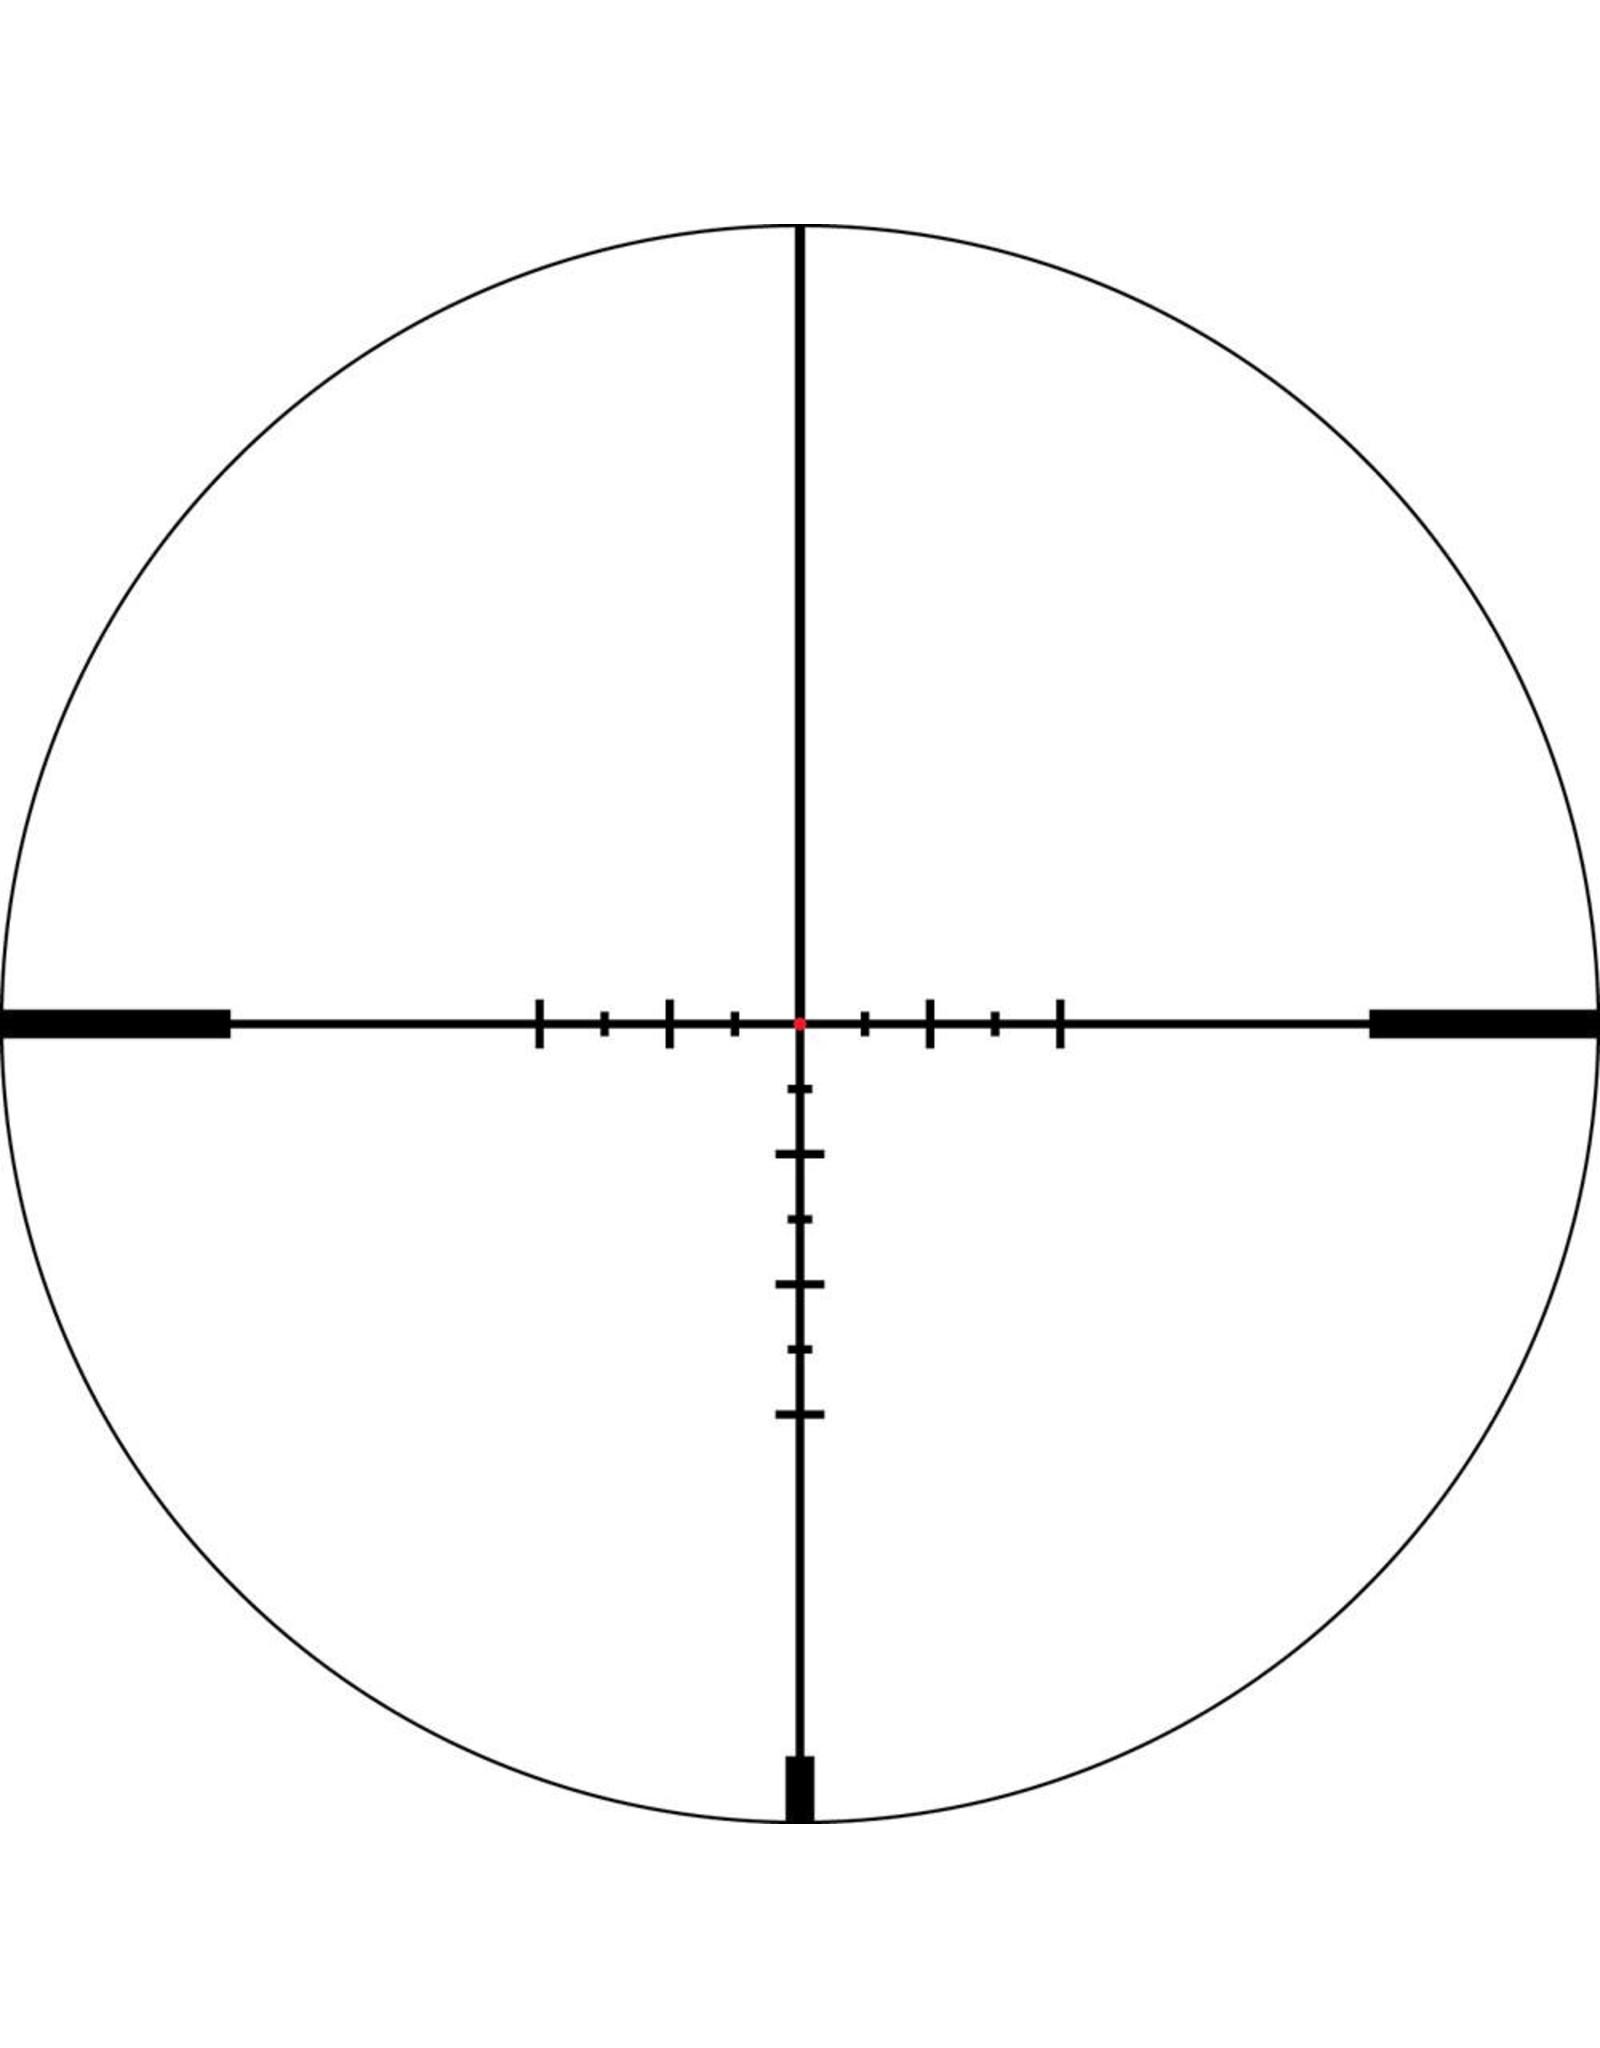 Vortex Vortex Razor Gen II HD-E 1-6x24 Riflescope VMR-2 MOA